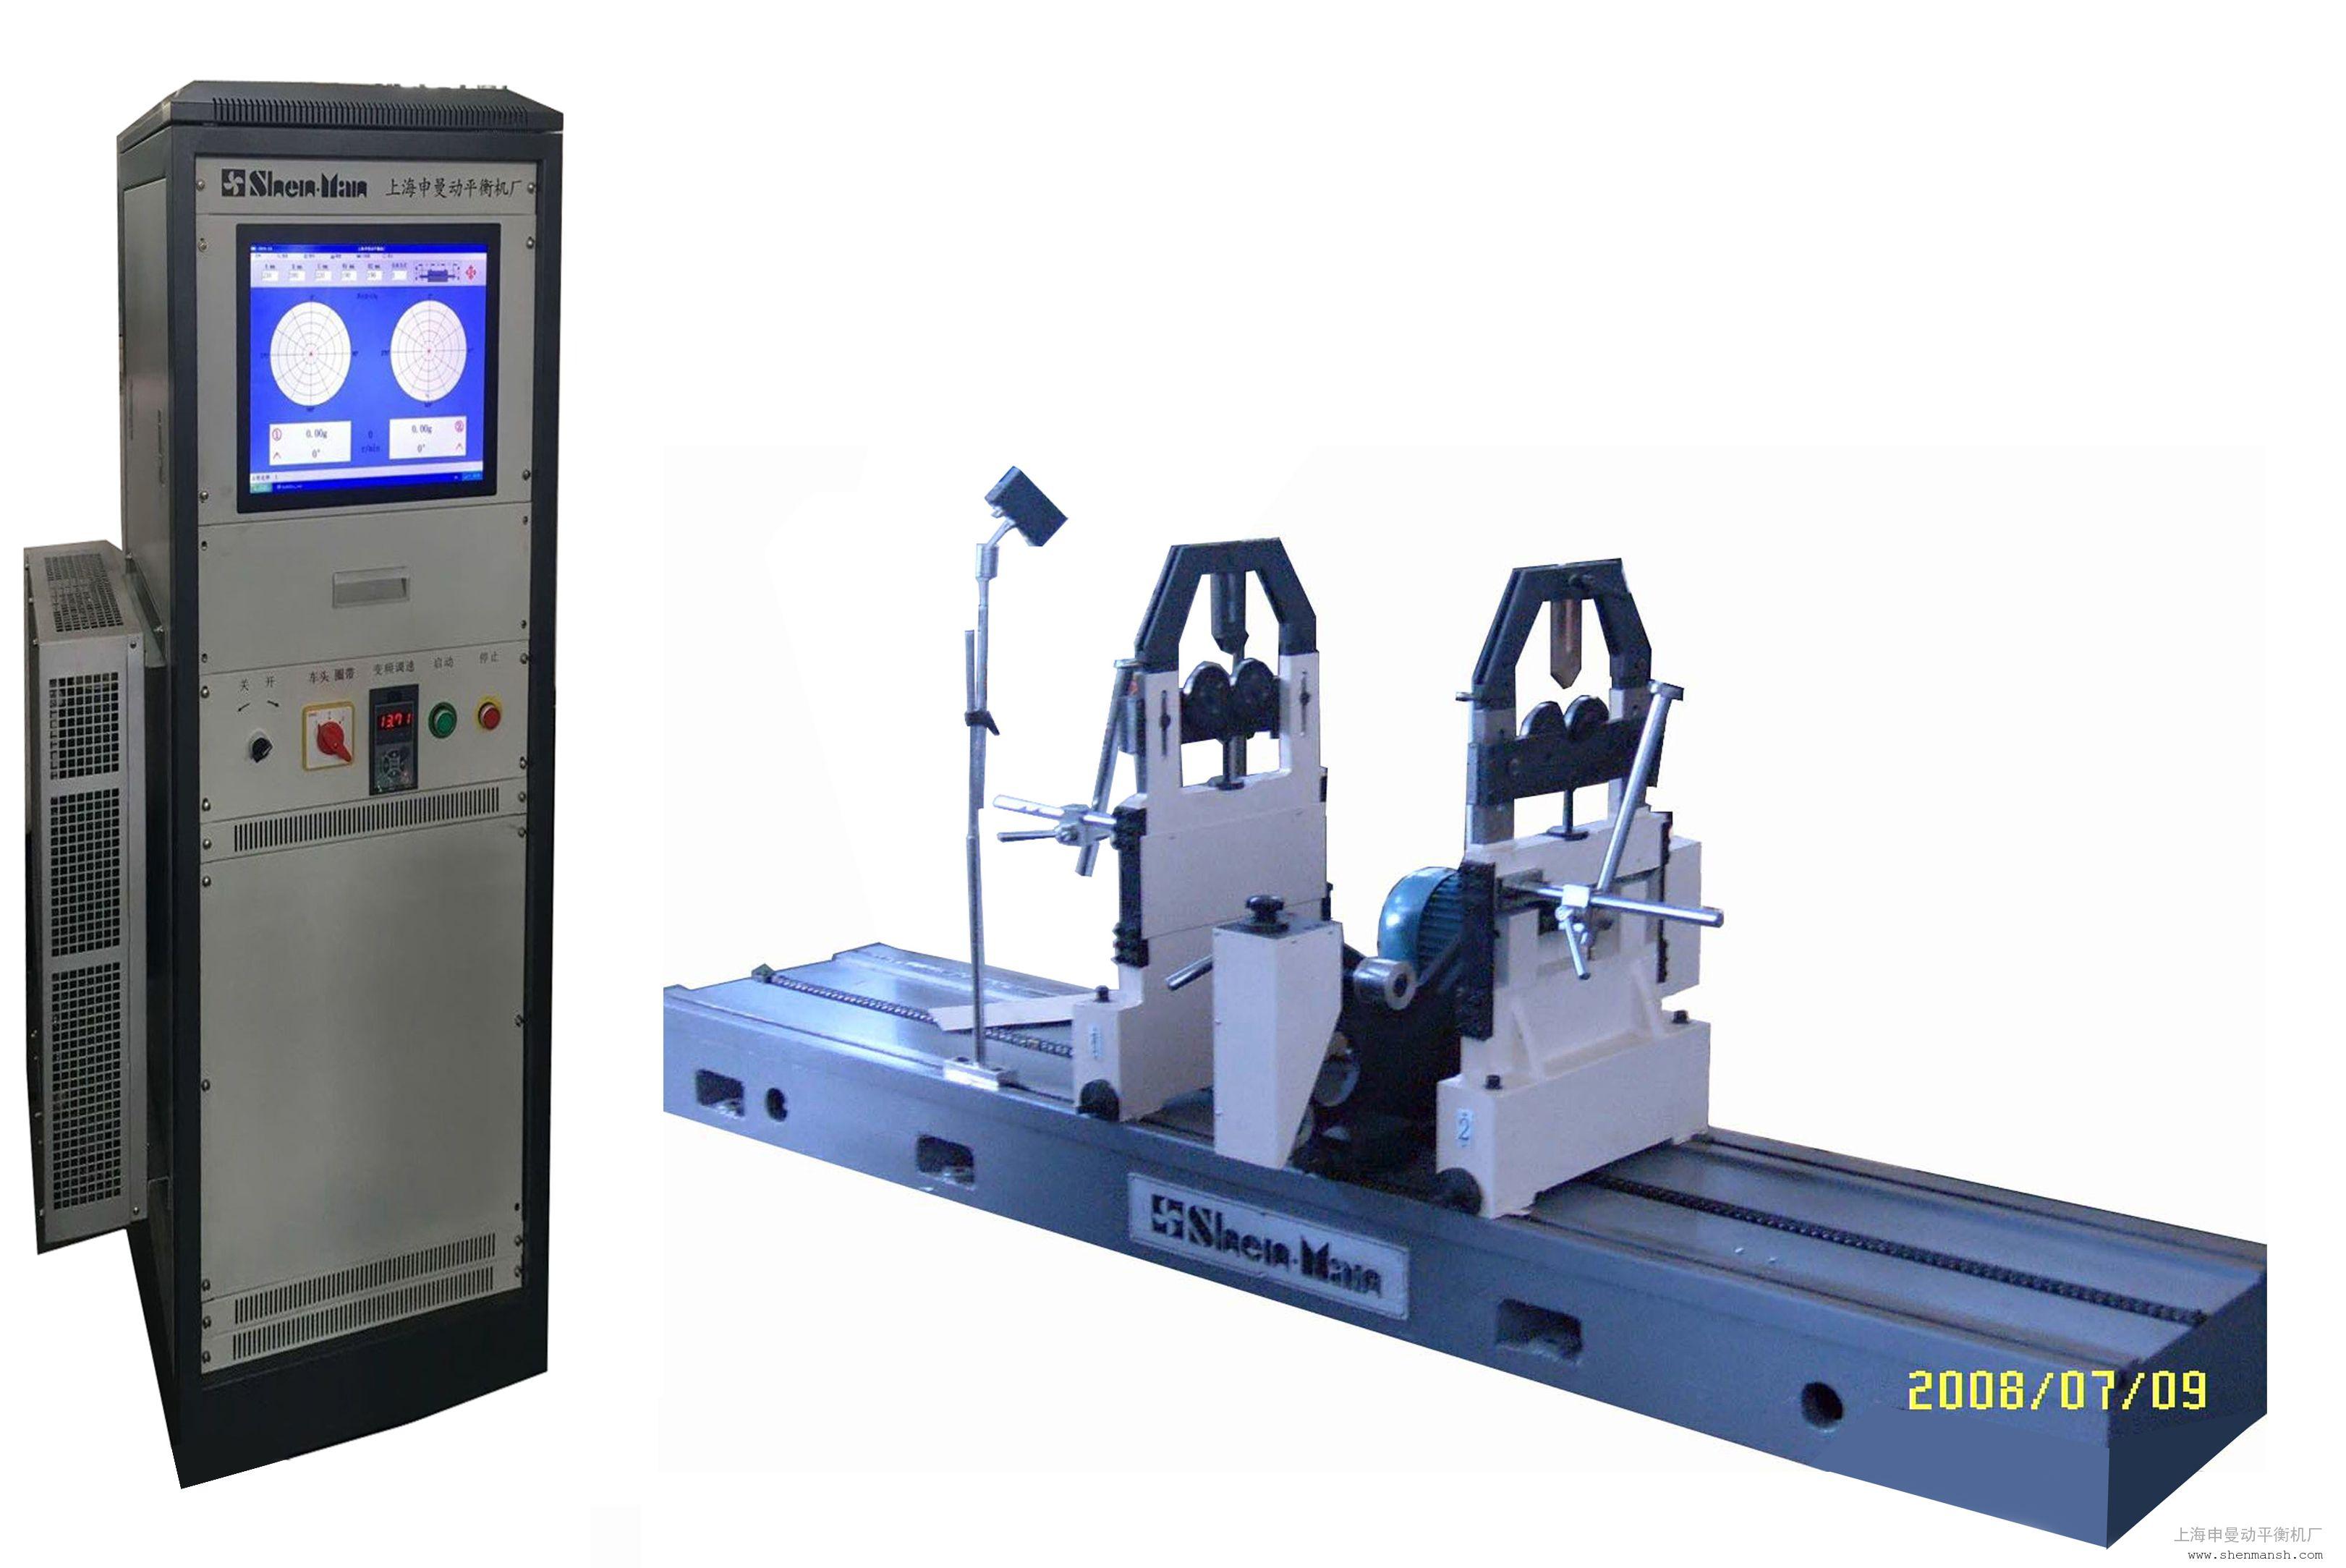 申曼圈带SA-7D(300kg)去重动平衡机 电脑触摸显示机